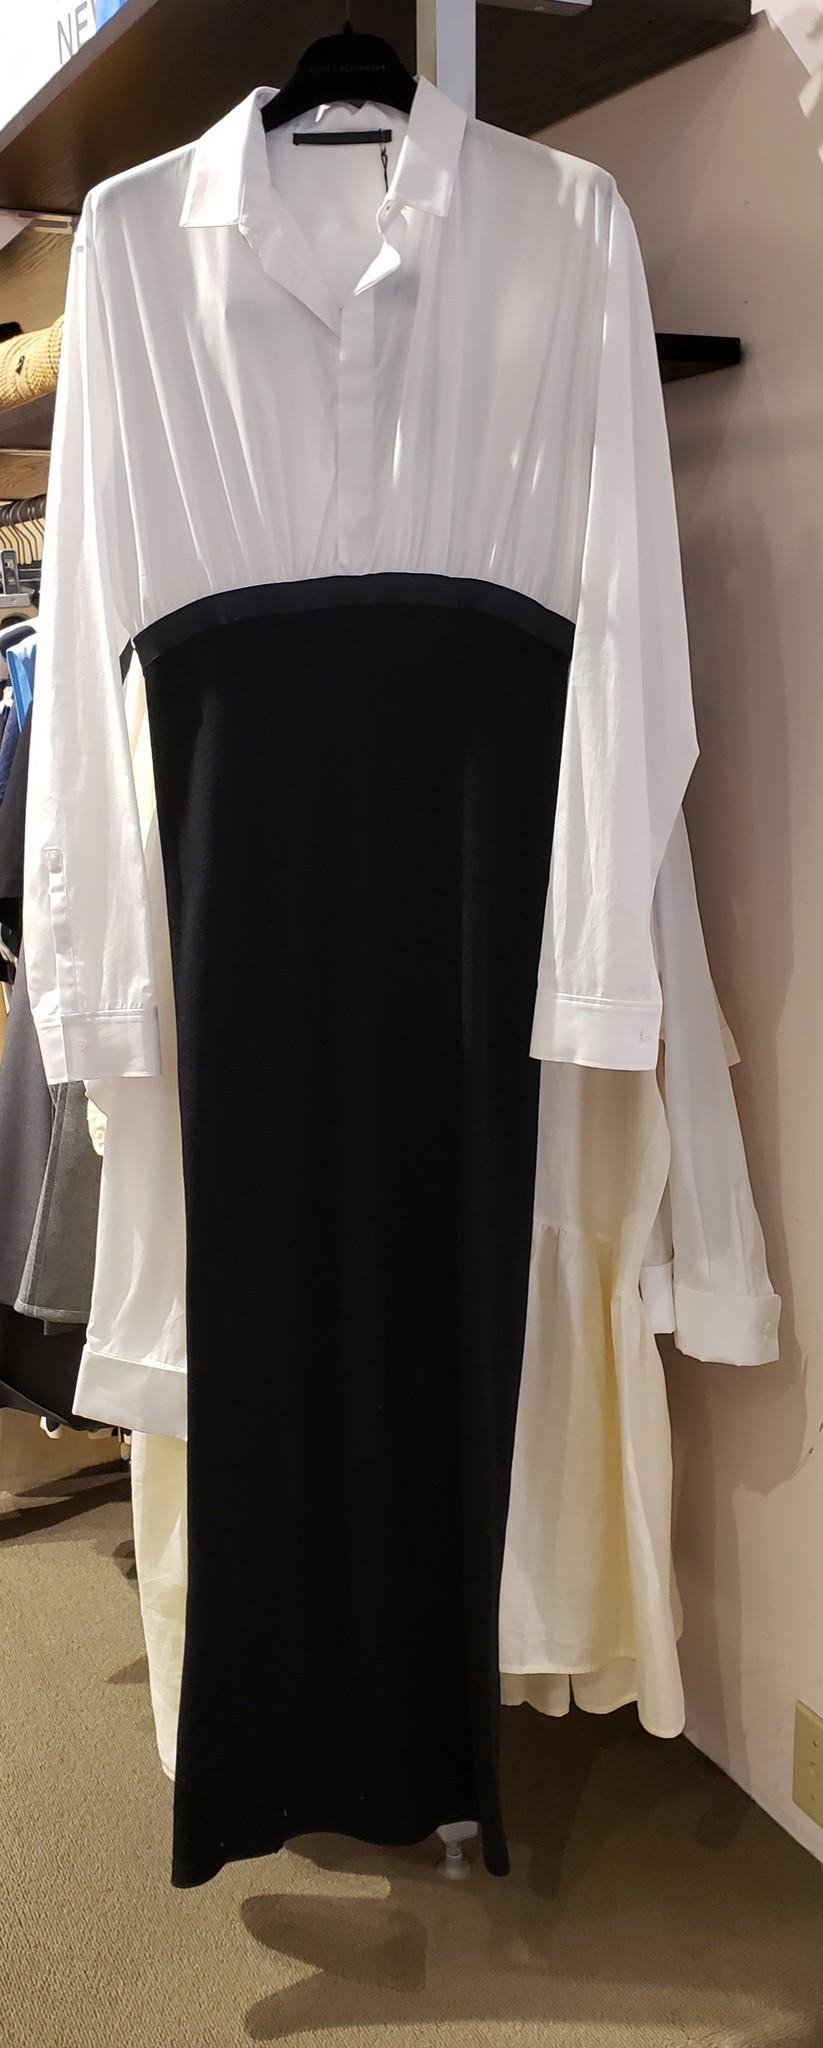 Dress - White/Blk - Sz. 40-1